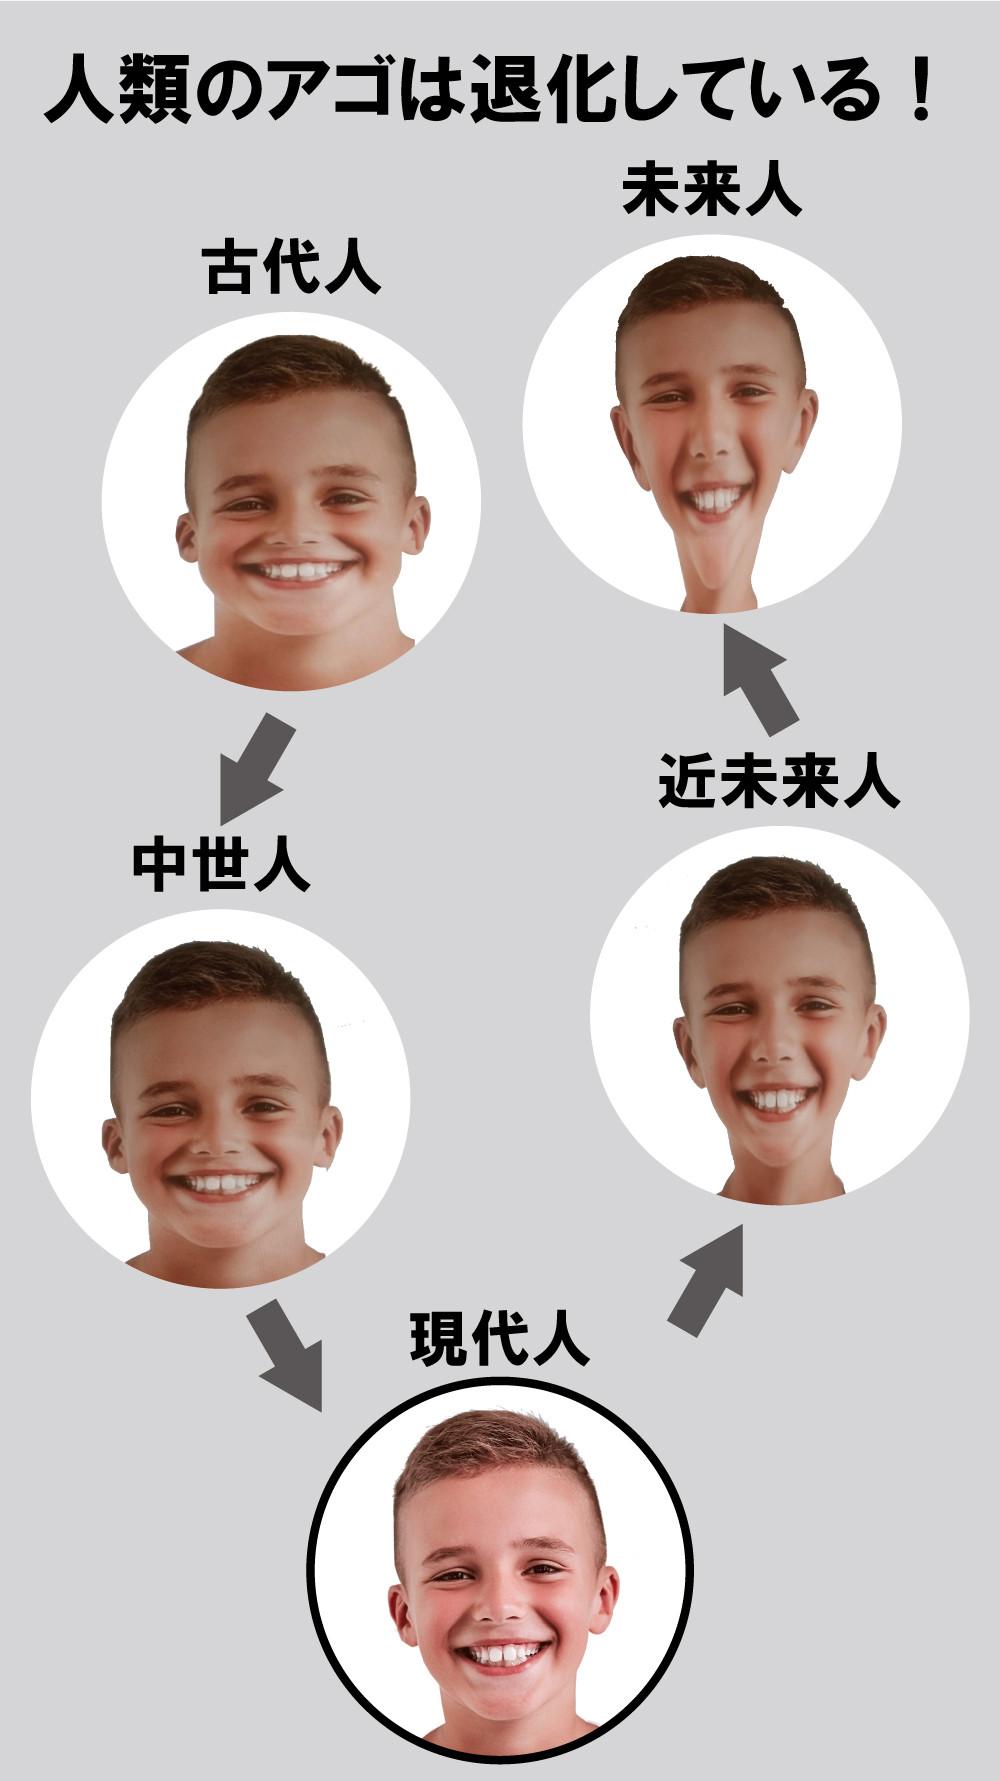 顎の退化 咀嚼と顔の進化